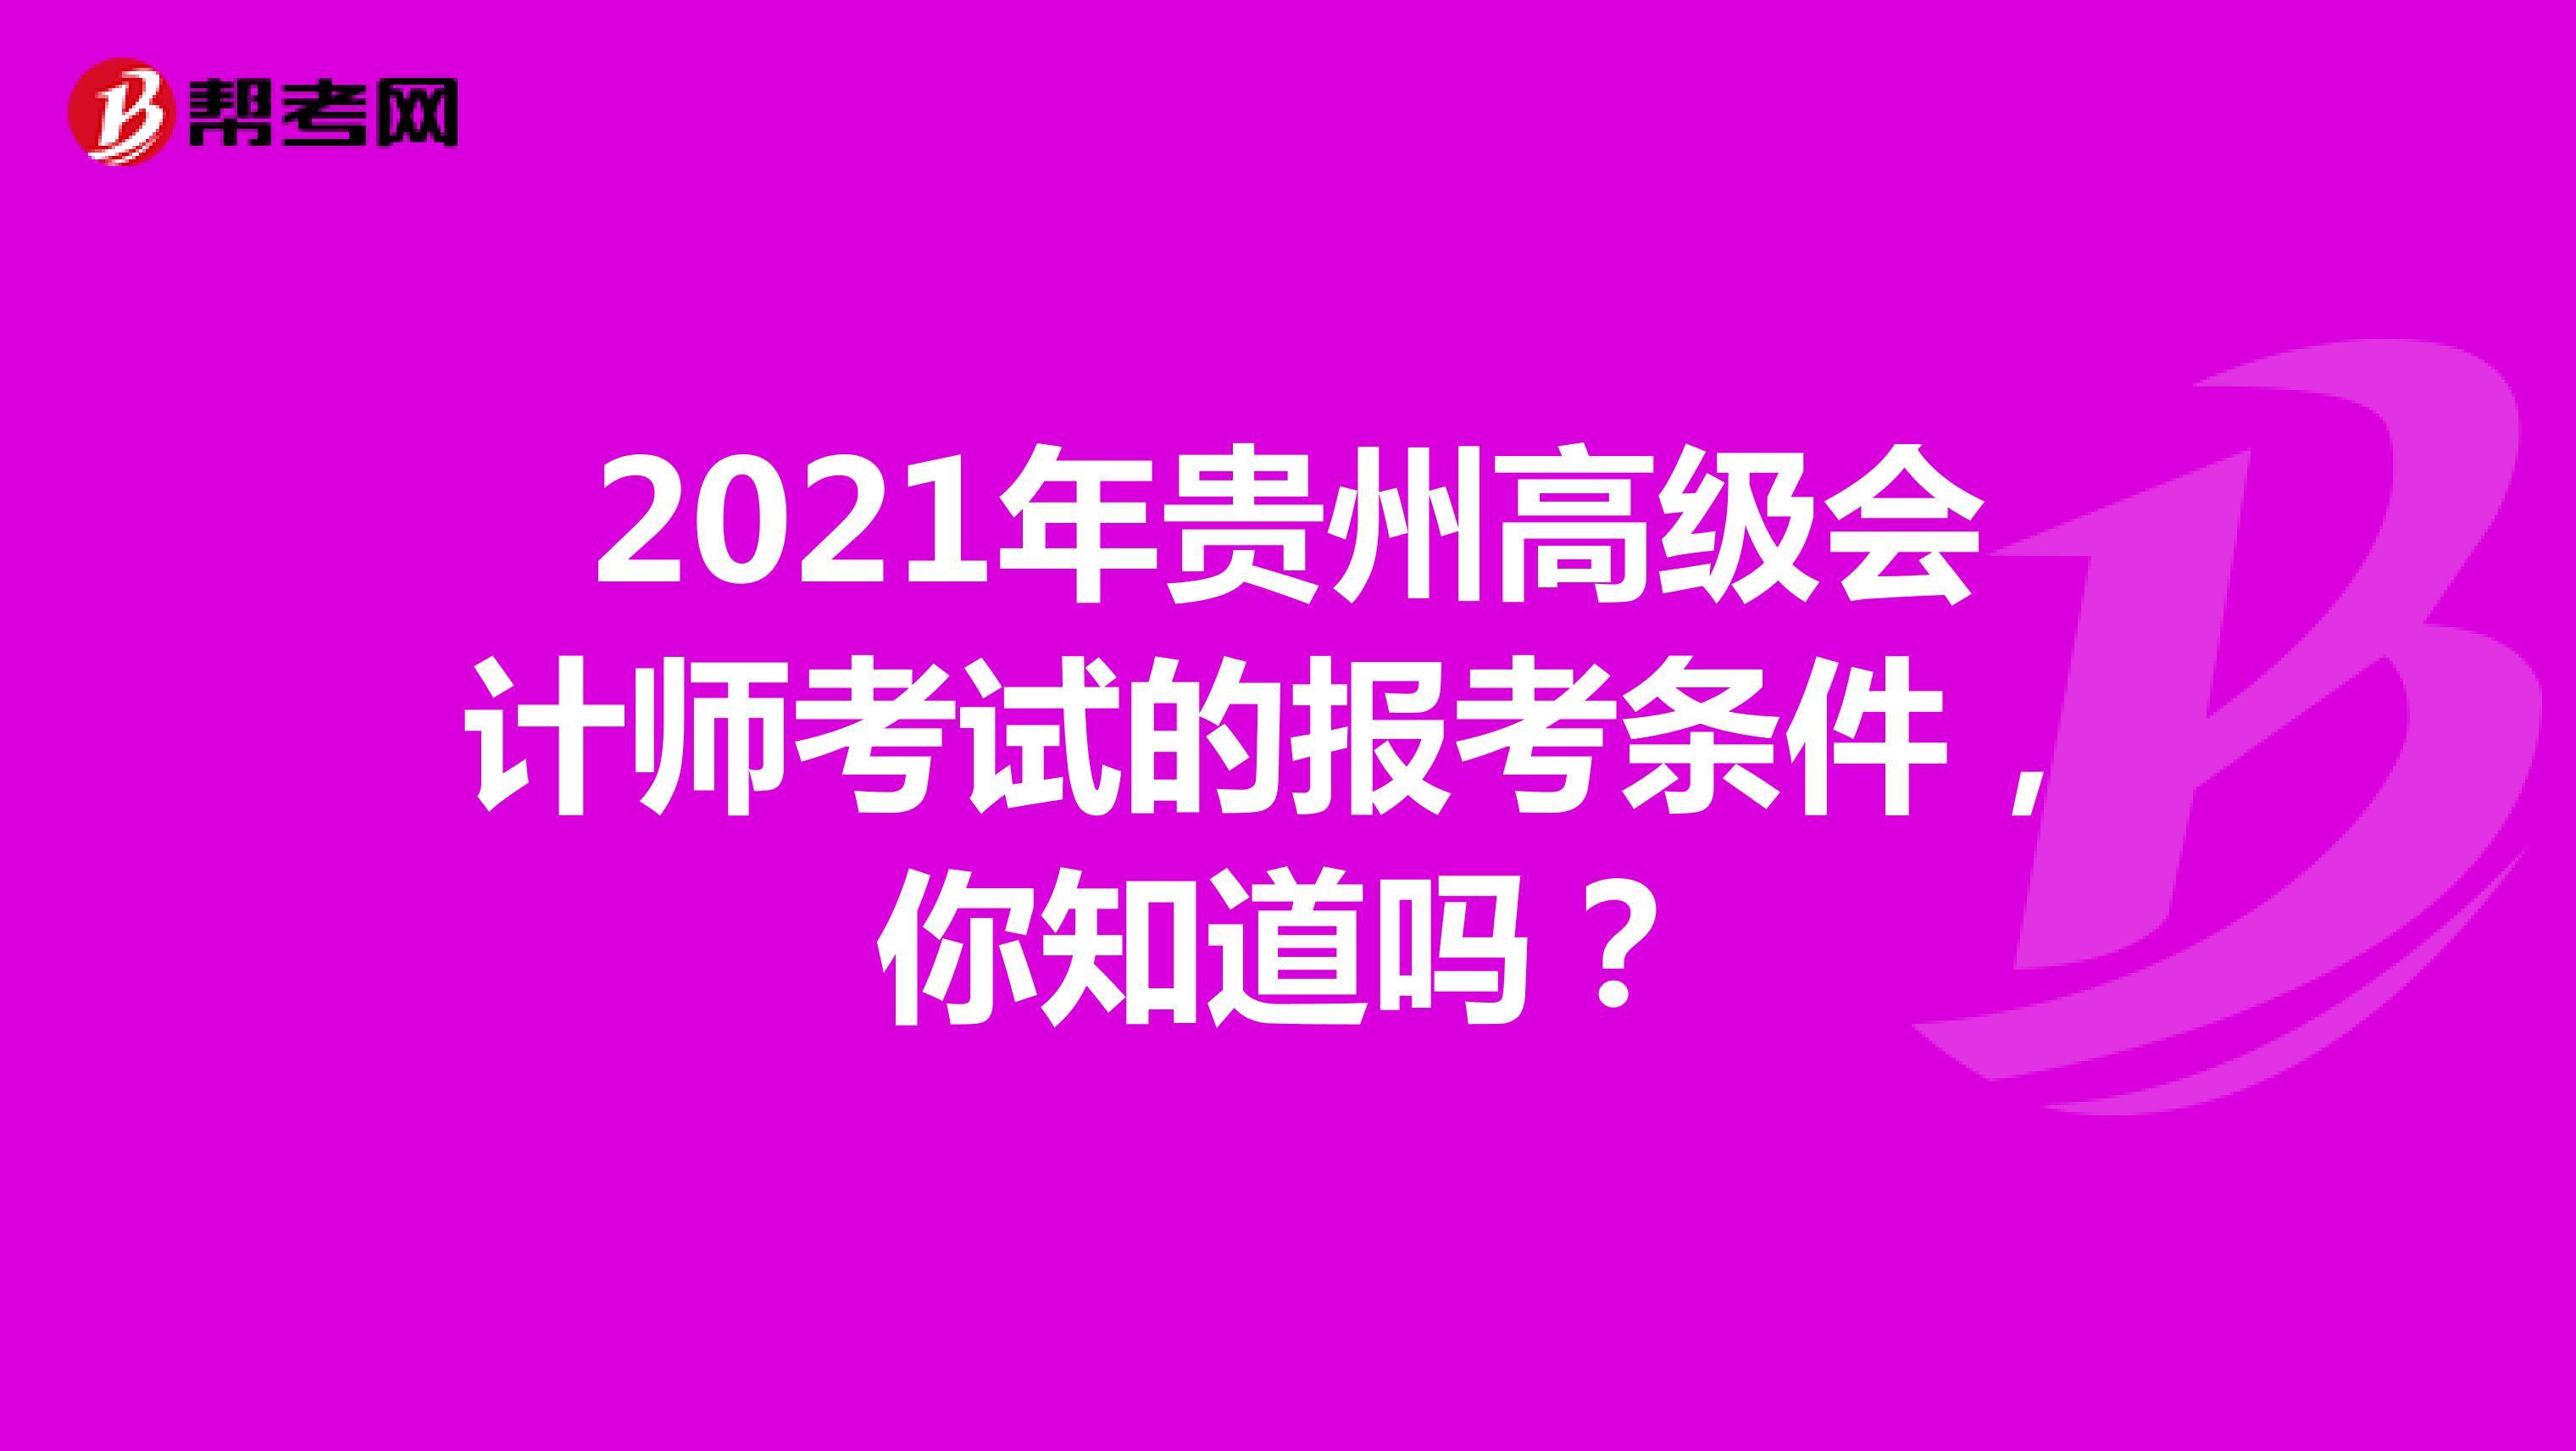 2021年贵州高级会计师考试的报考条件,你知道吗?